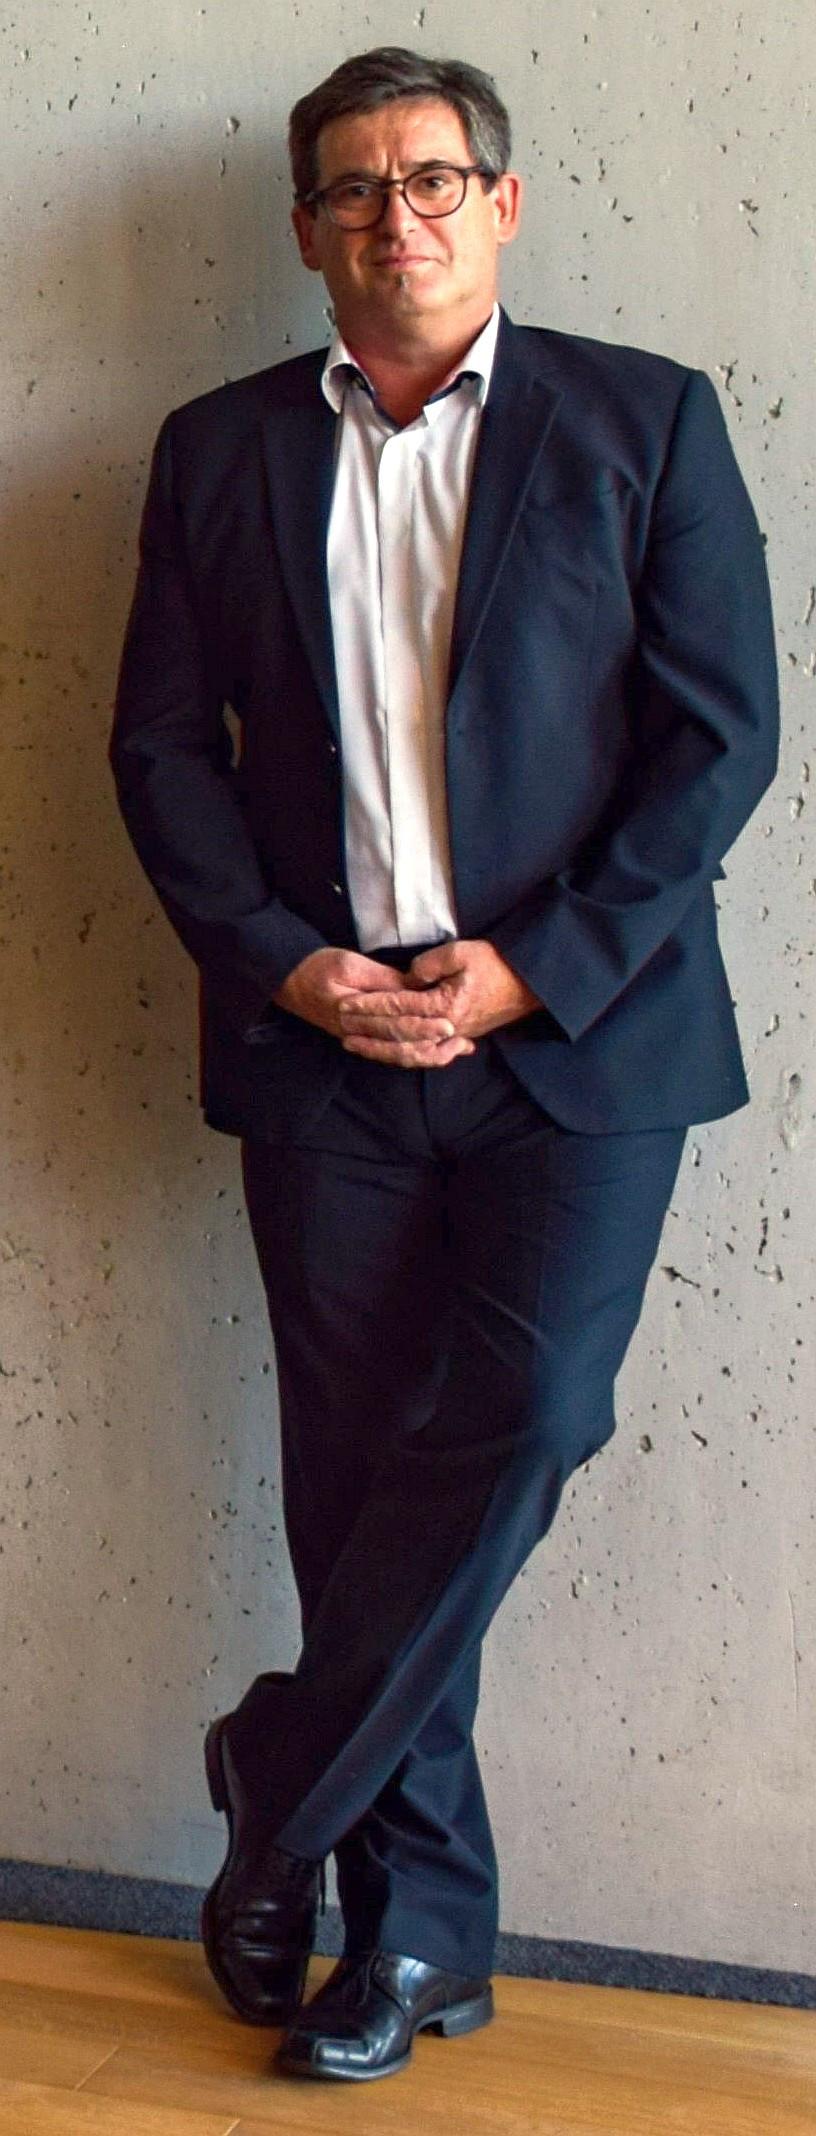 Gründer und heutiger Aufsichtsratsvorsitzender Bernd Krebs.